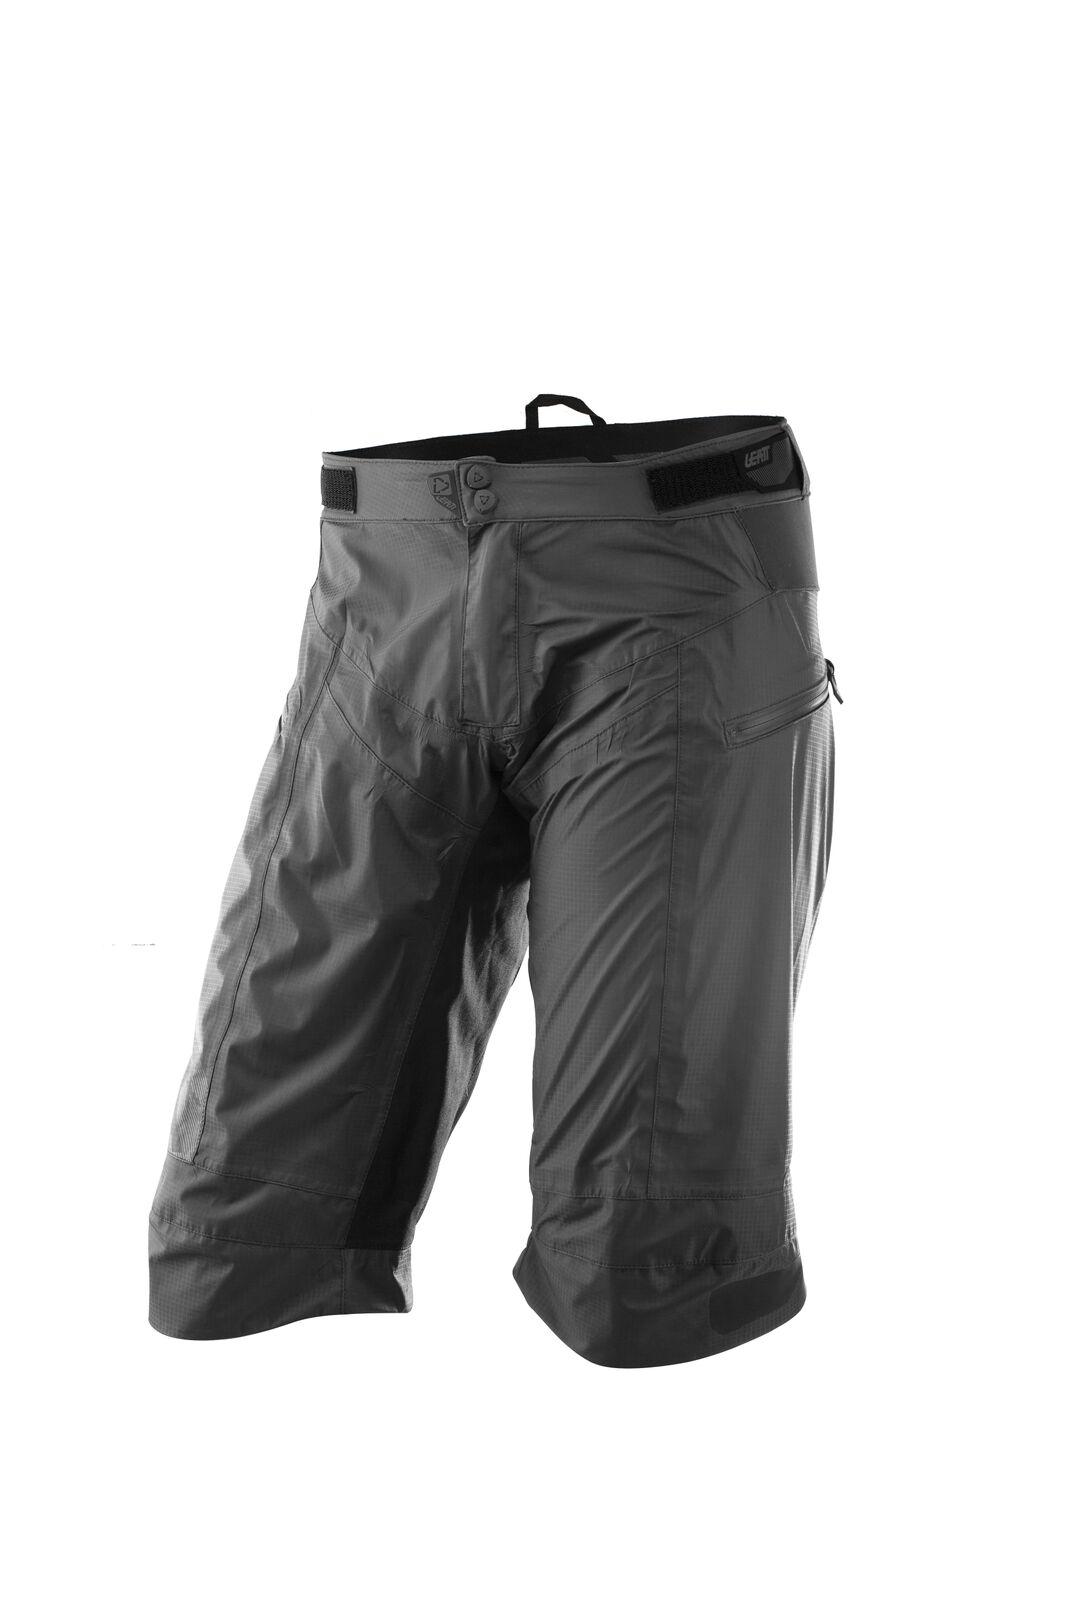 FR Hersteller Gr/ö/ße XS Unisex Erwachsene Leatt Shorts DBX 5.0 Schwarz